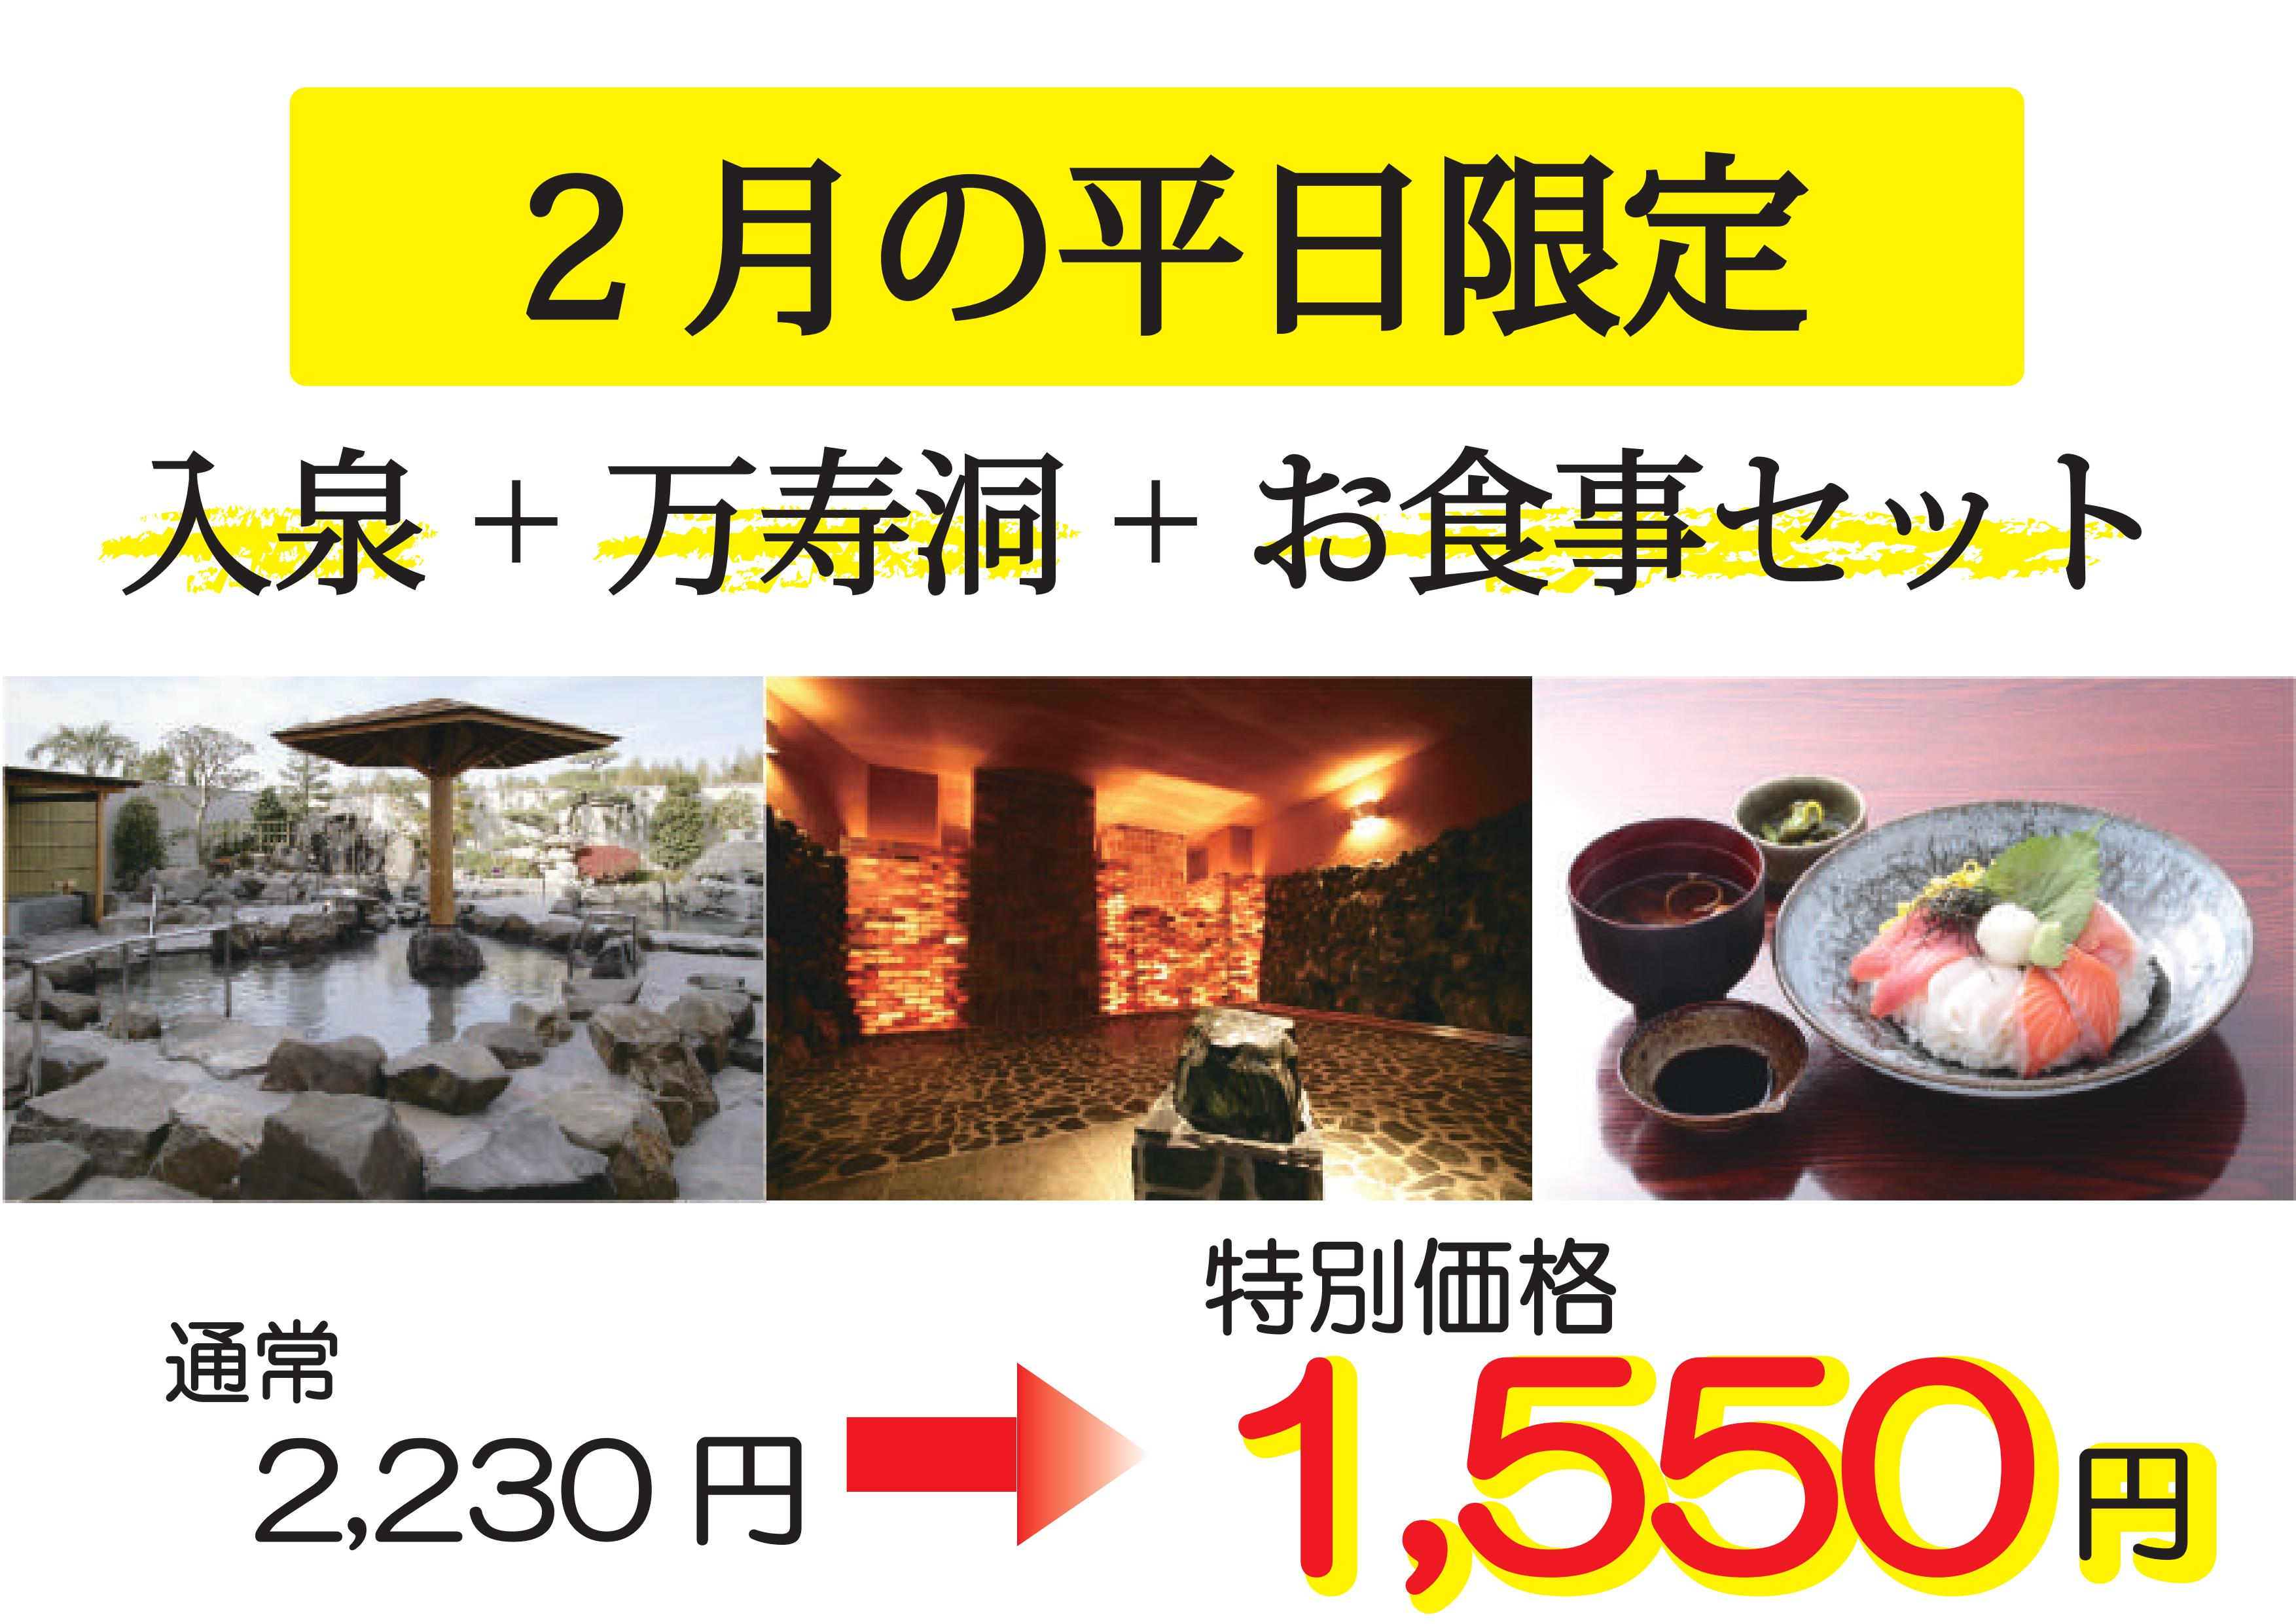 2月の平日限定 入泉+万寿洞+お食事セット